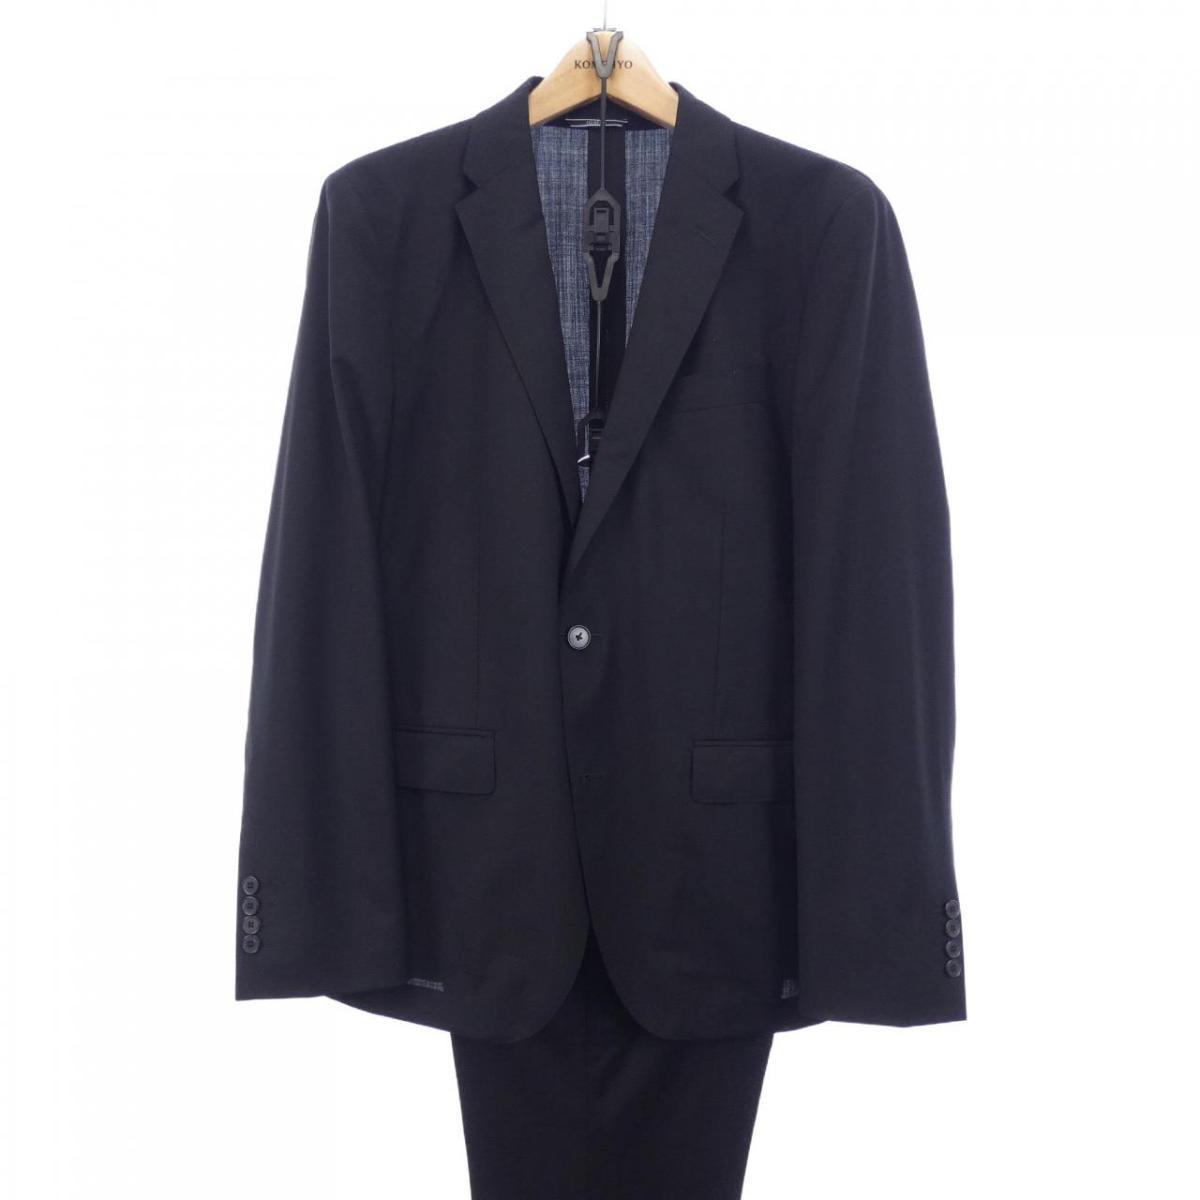 スーツ・セットアップ, スーツ  JOSEPH HOMME